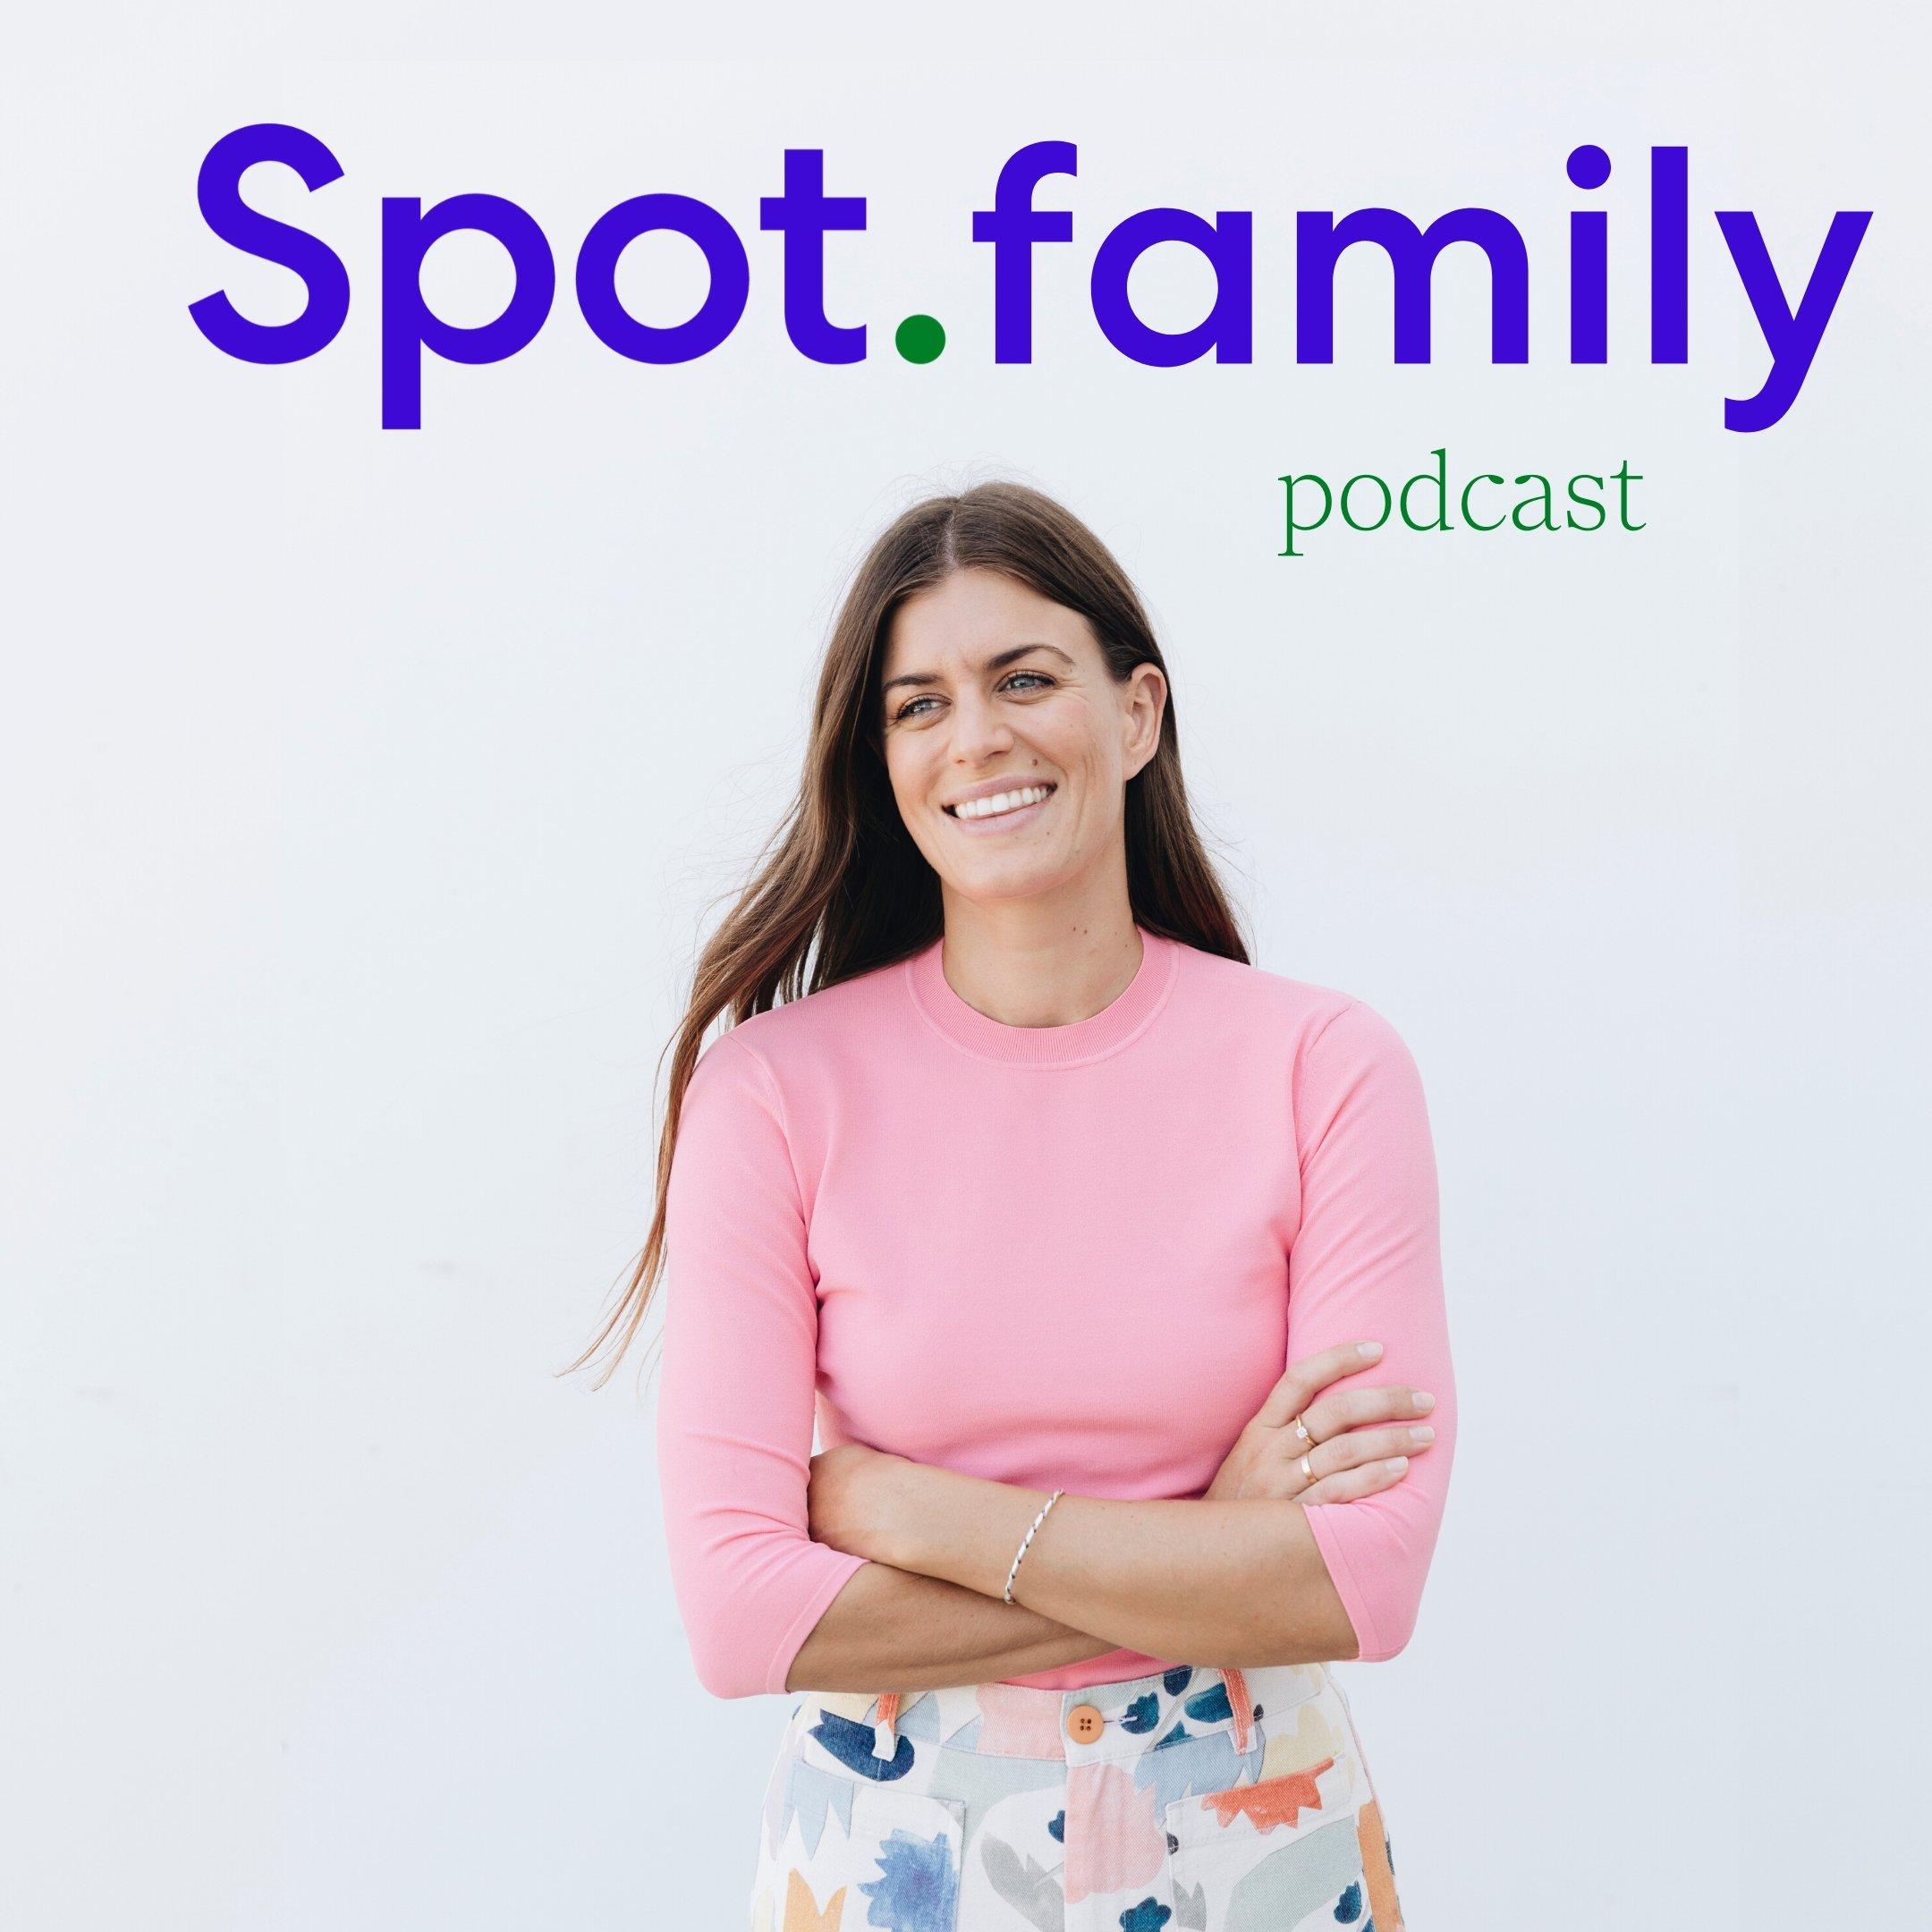 Spot Family Podcast show art